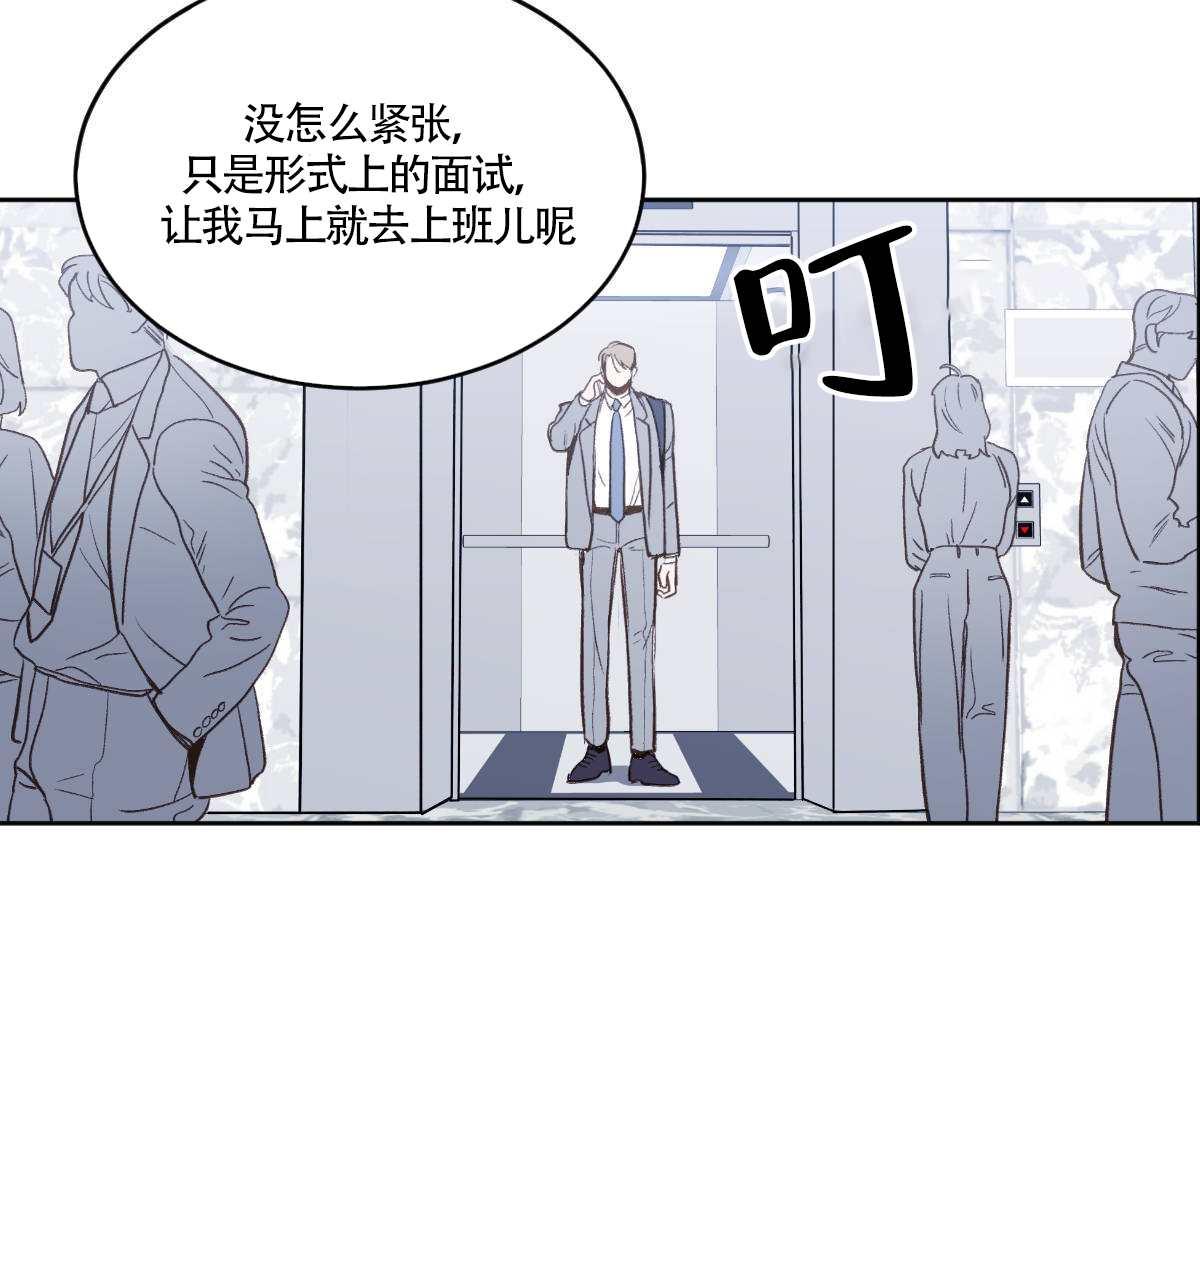 韩漫《新入职员》撩走办公室最可怕的大魔王!  第5张